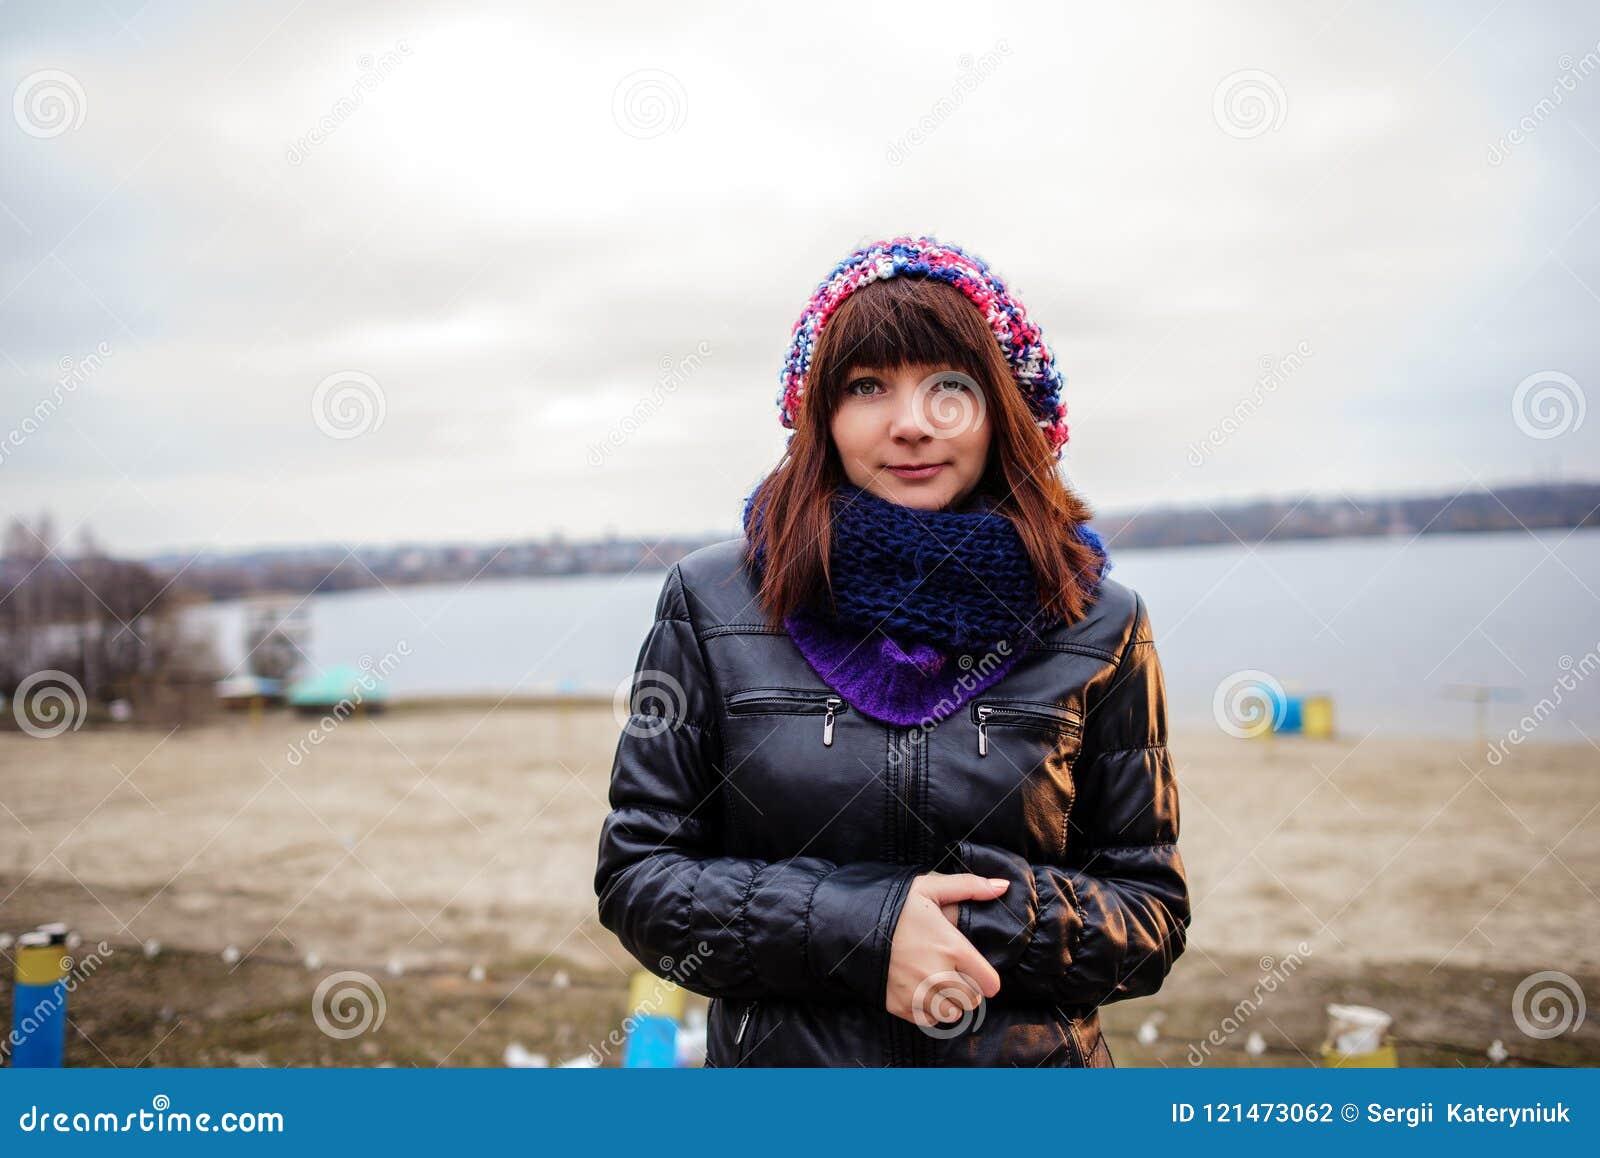 Porträt der jungen Schönheit im Freien - stehend auf Küste